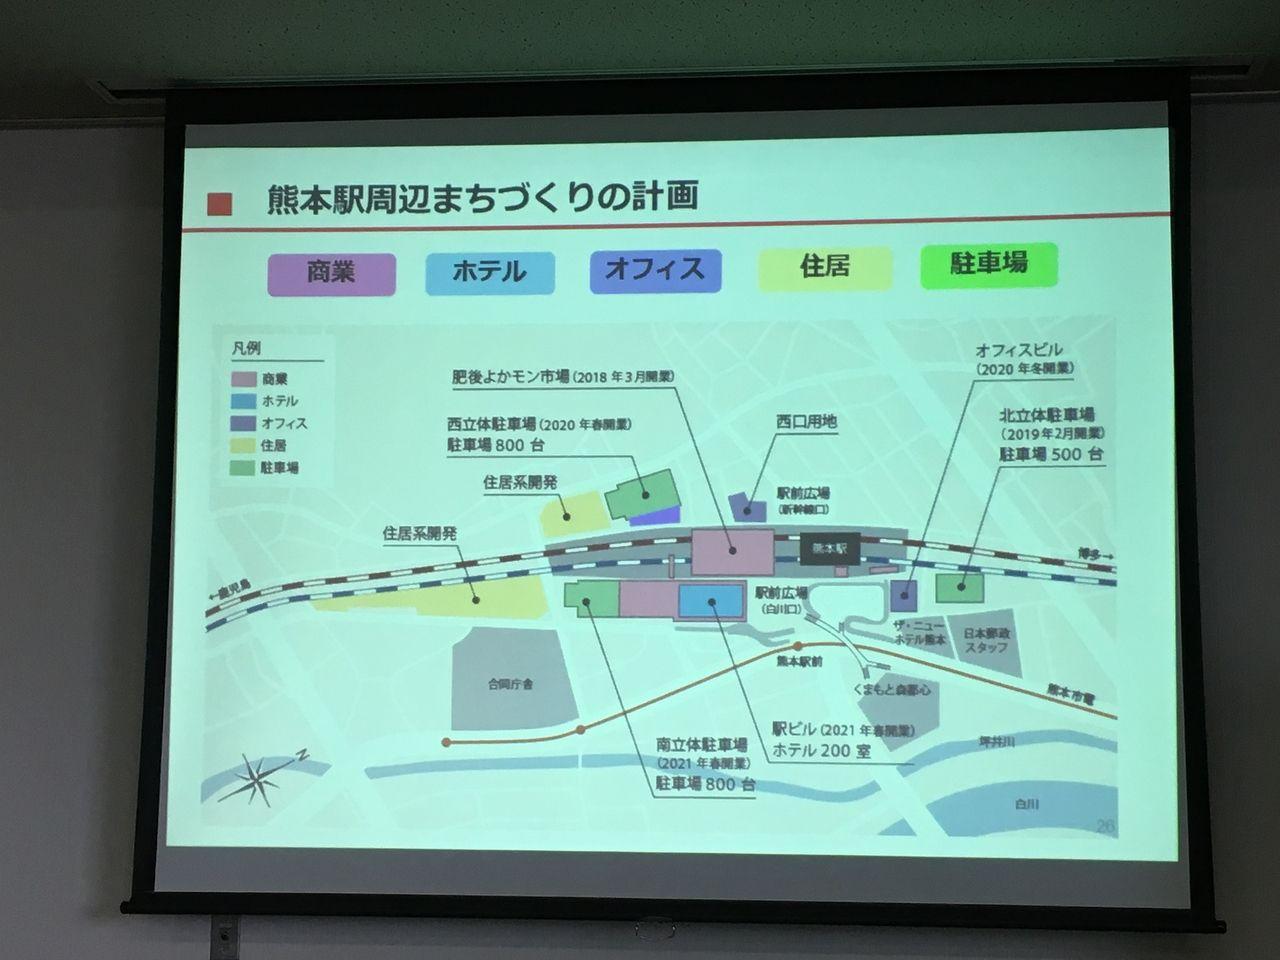 熊本駅周辺のまちづくりの計画